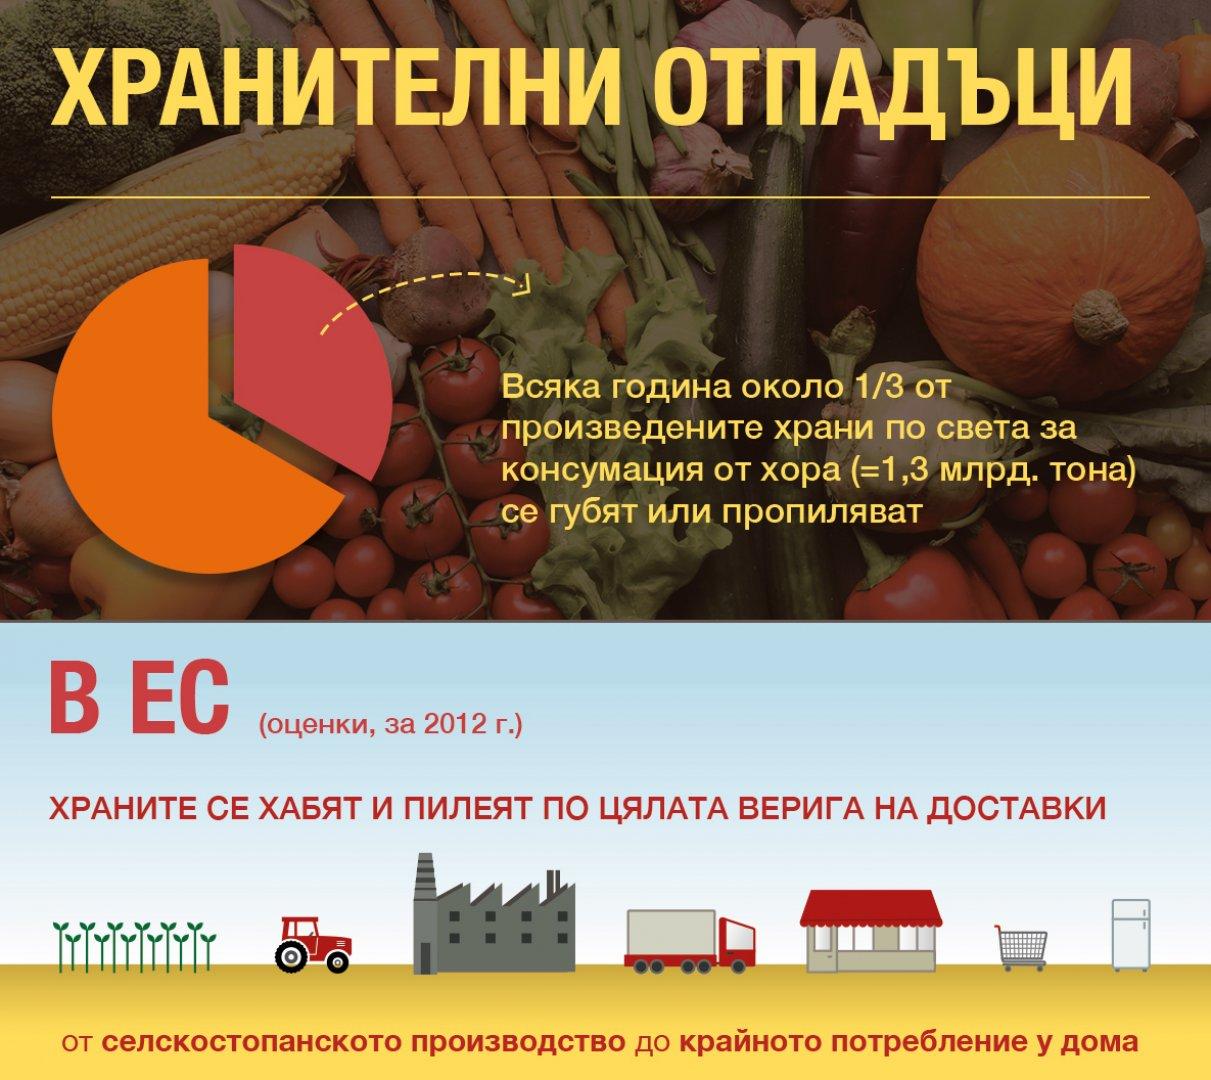 Комисията предлага да бъдат въведени задължително единни етикети за хранителните качества на продуктите върху предната част на опаковките.